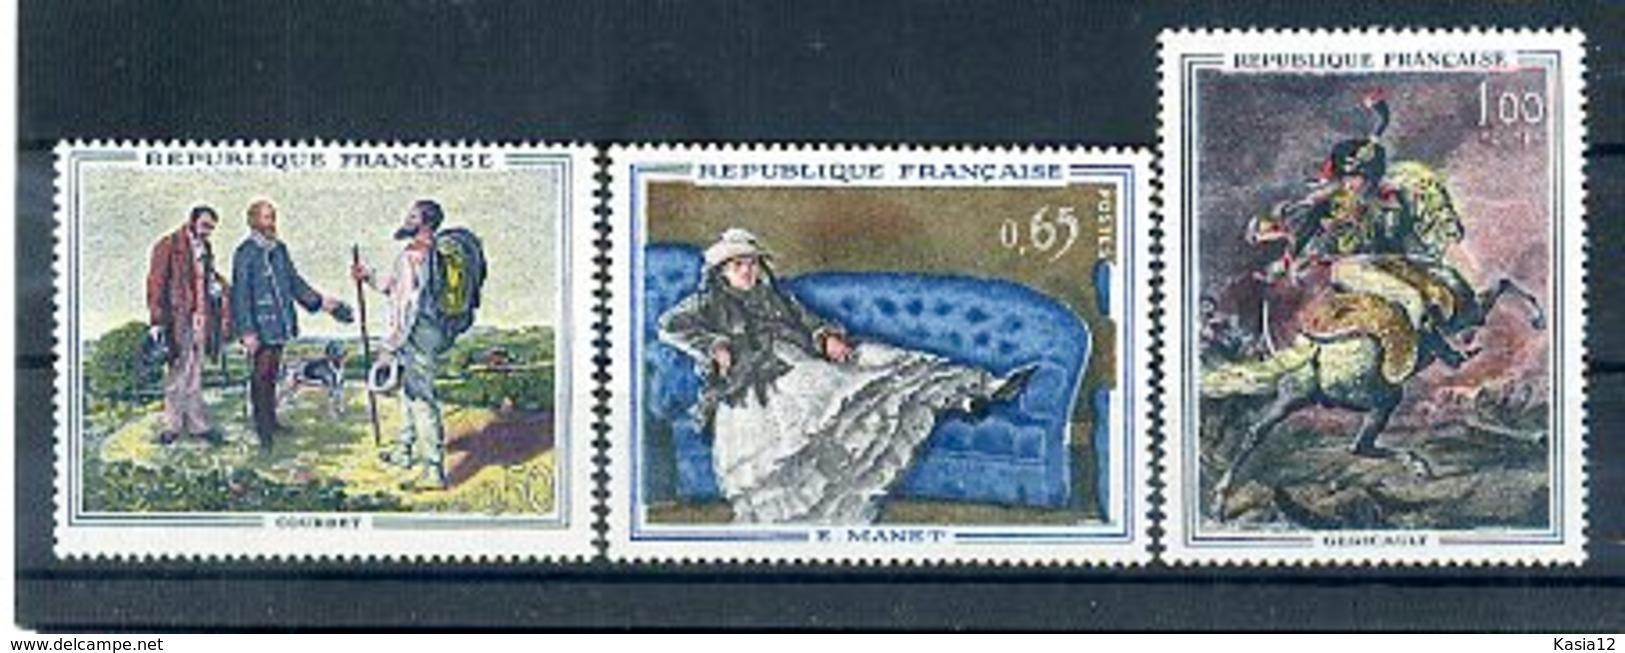 A25021)Frankreich 1415 - 1417** - Frankreich